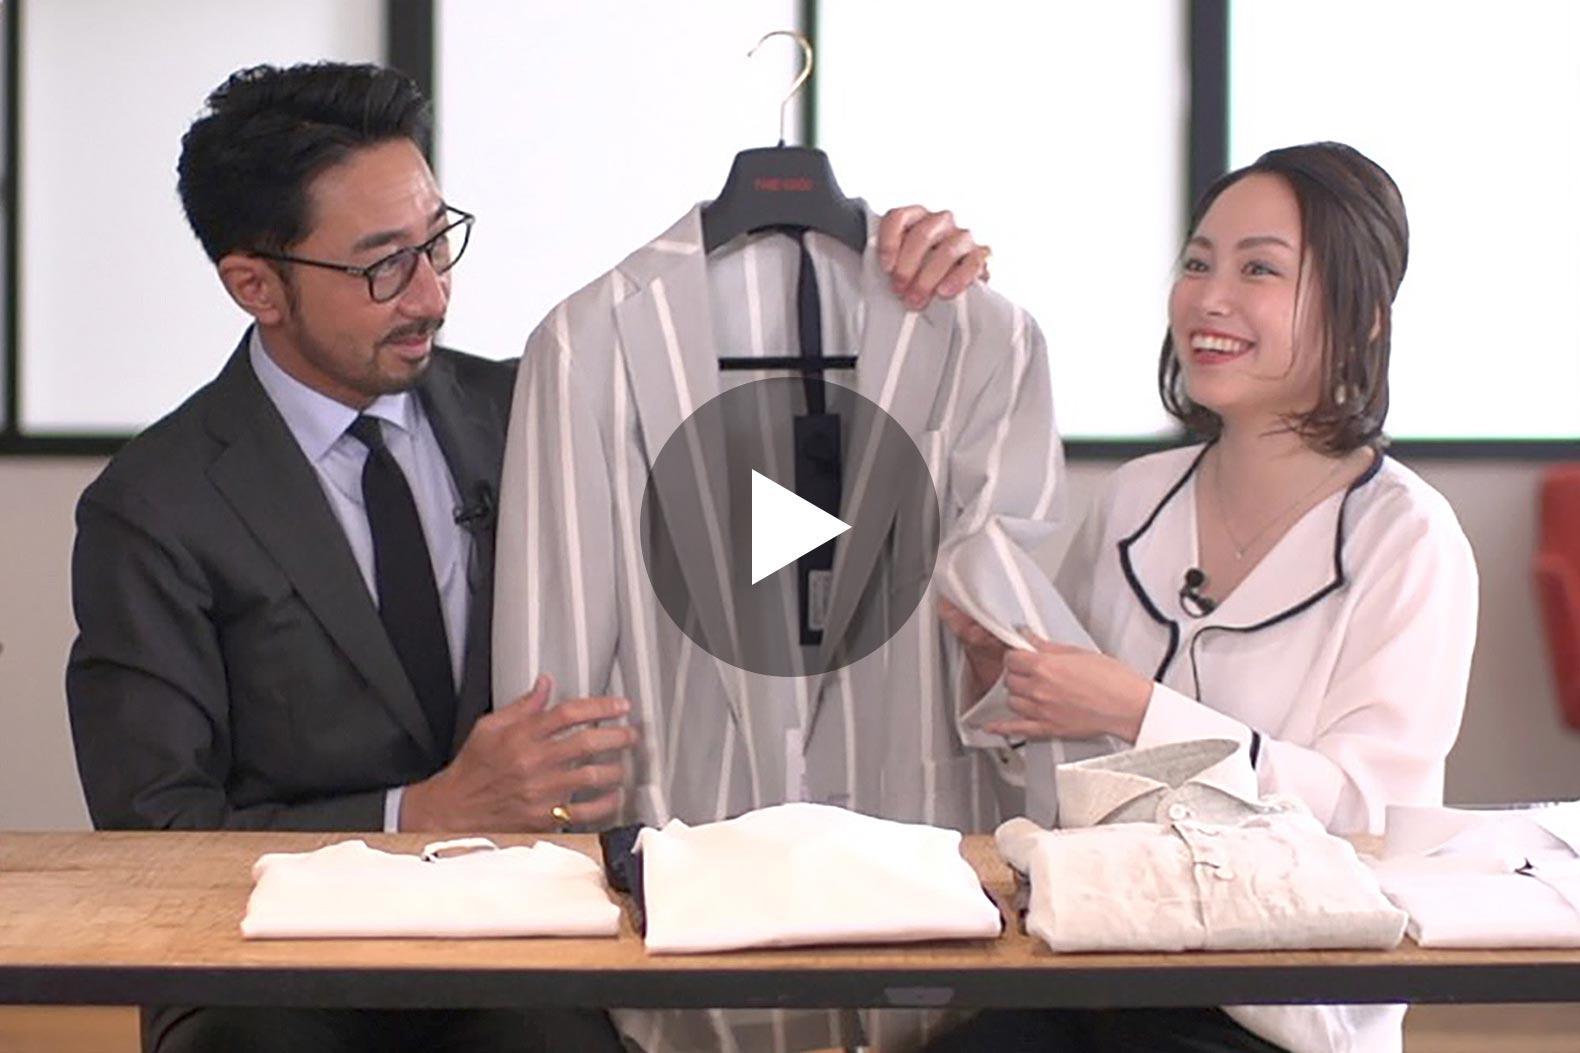 サマージャケットが夏コーデの救世主! 色の選び方とシーン別の着こなし解説